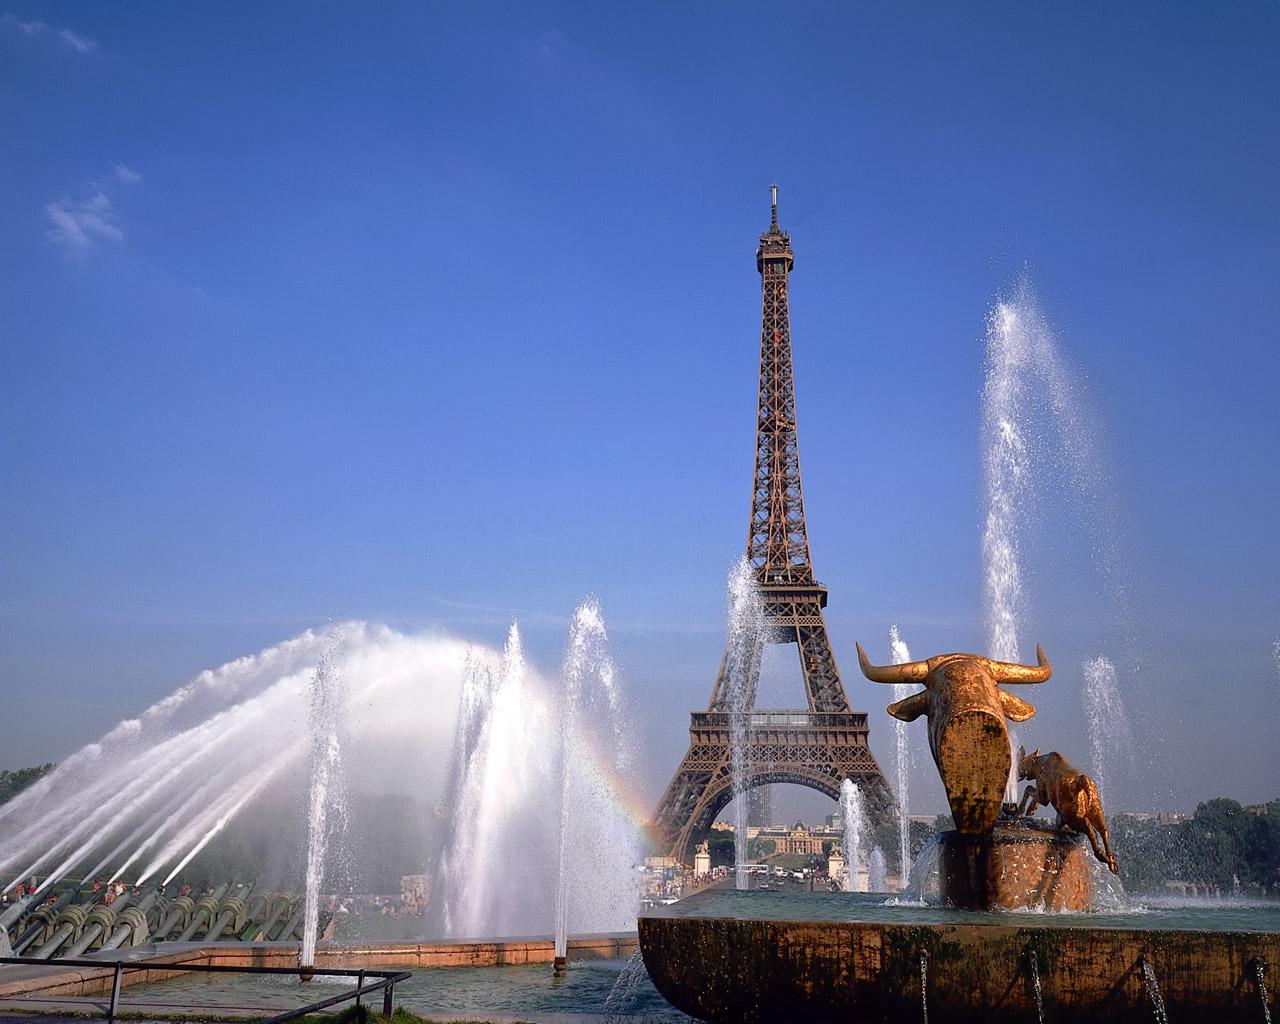 Амурные приключения в Амстердаме и Париже!!! БЕЗ НОЧНЫХ ПЕРЕЕЗДОВ!